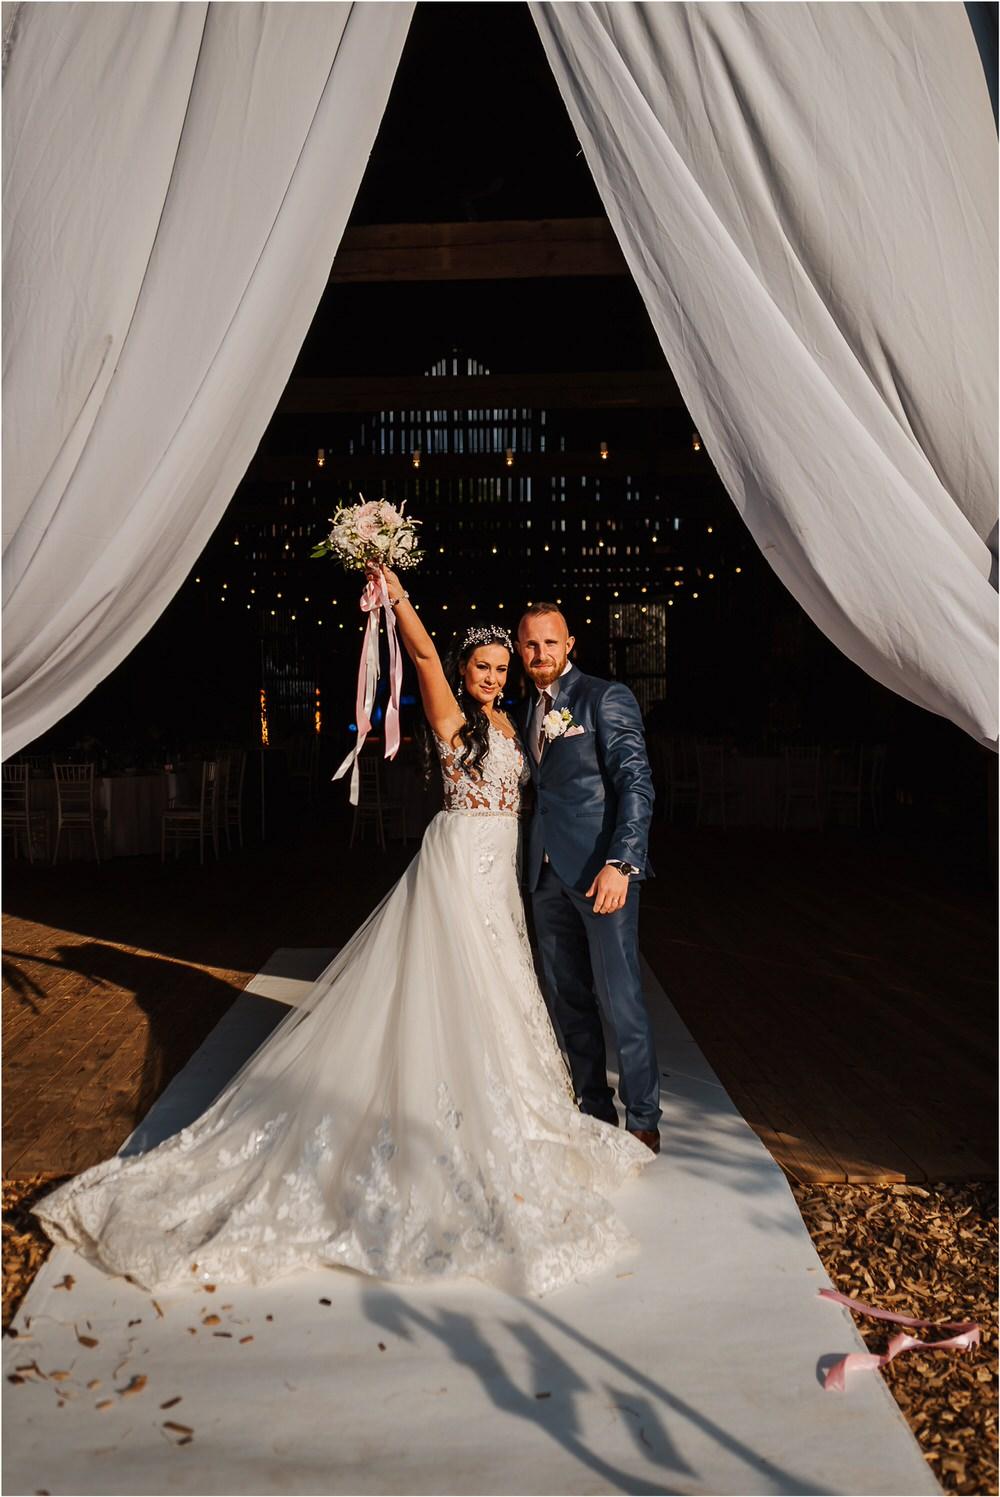 skedenj poroka porocni fotograf fotografiranje elegantna poroka rustikalna poroka pod kozolcem pcakes velesovo mdetail nika grega 0092.jpg